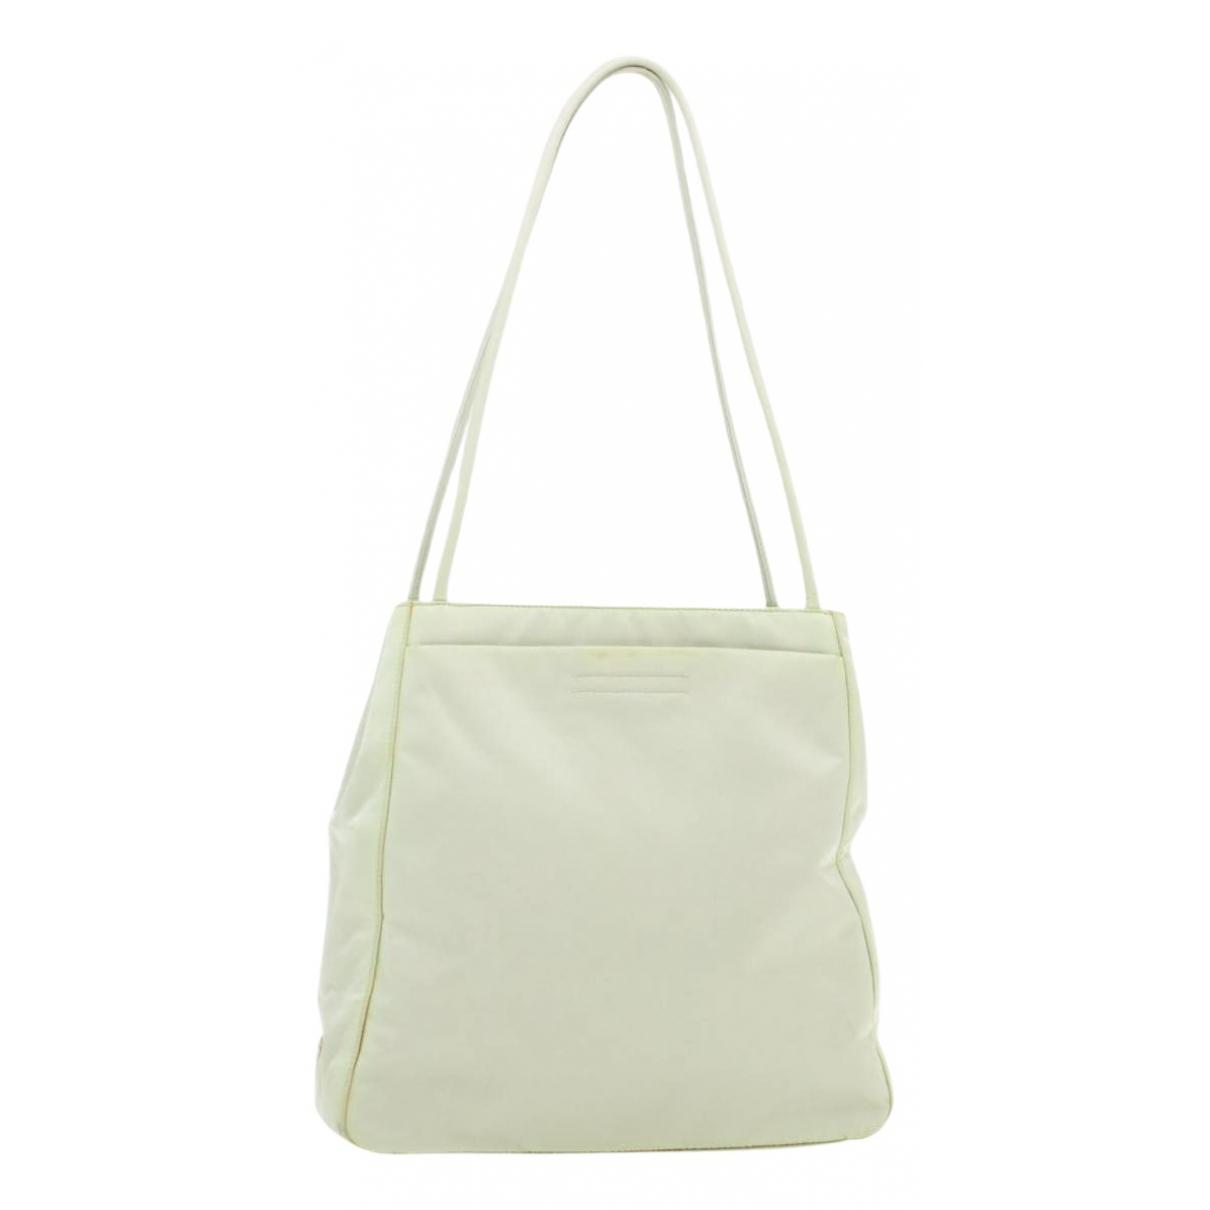 Prada \N Handtasche in  Weiss Synthetik